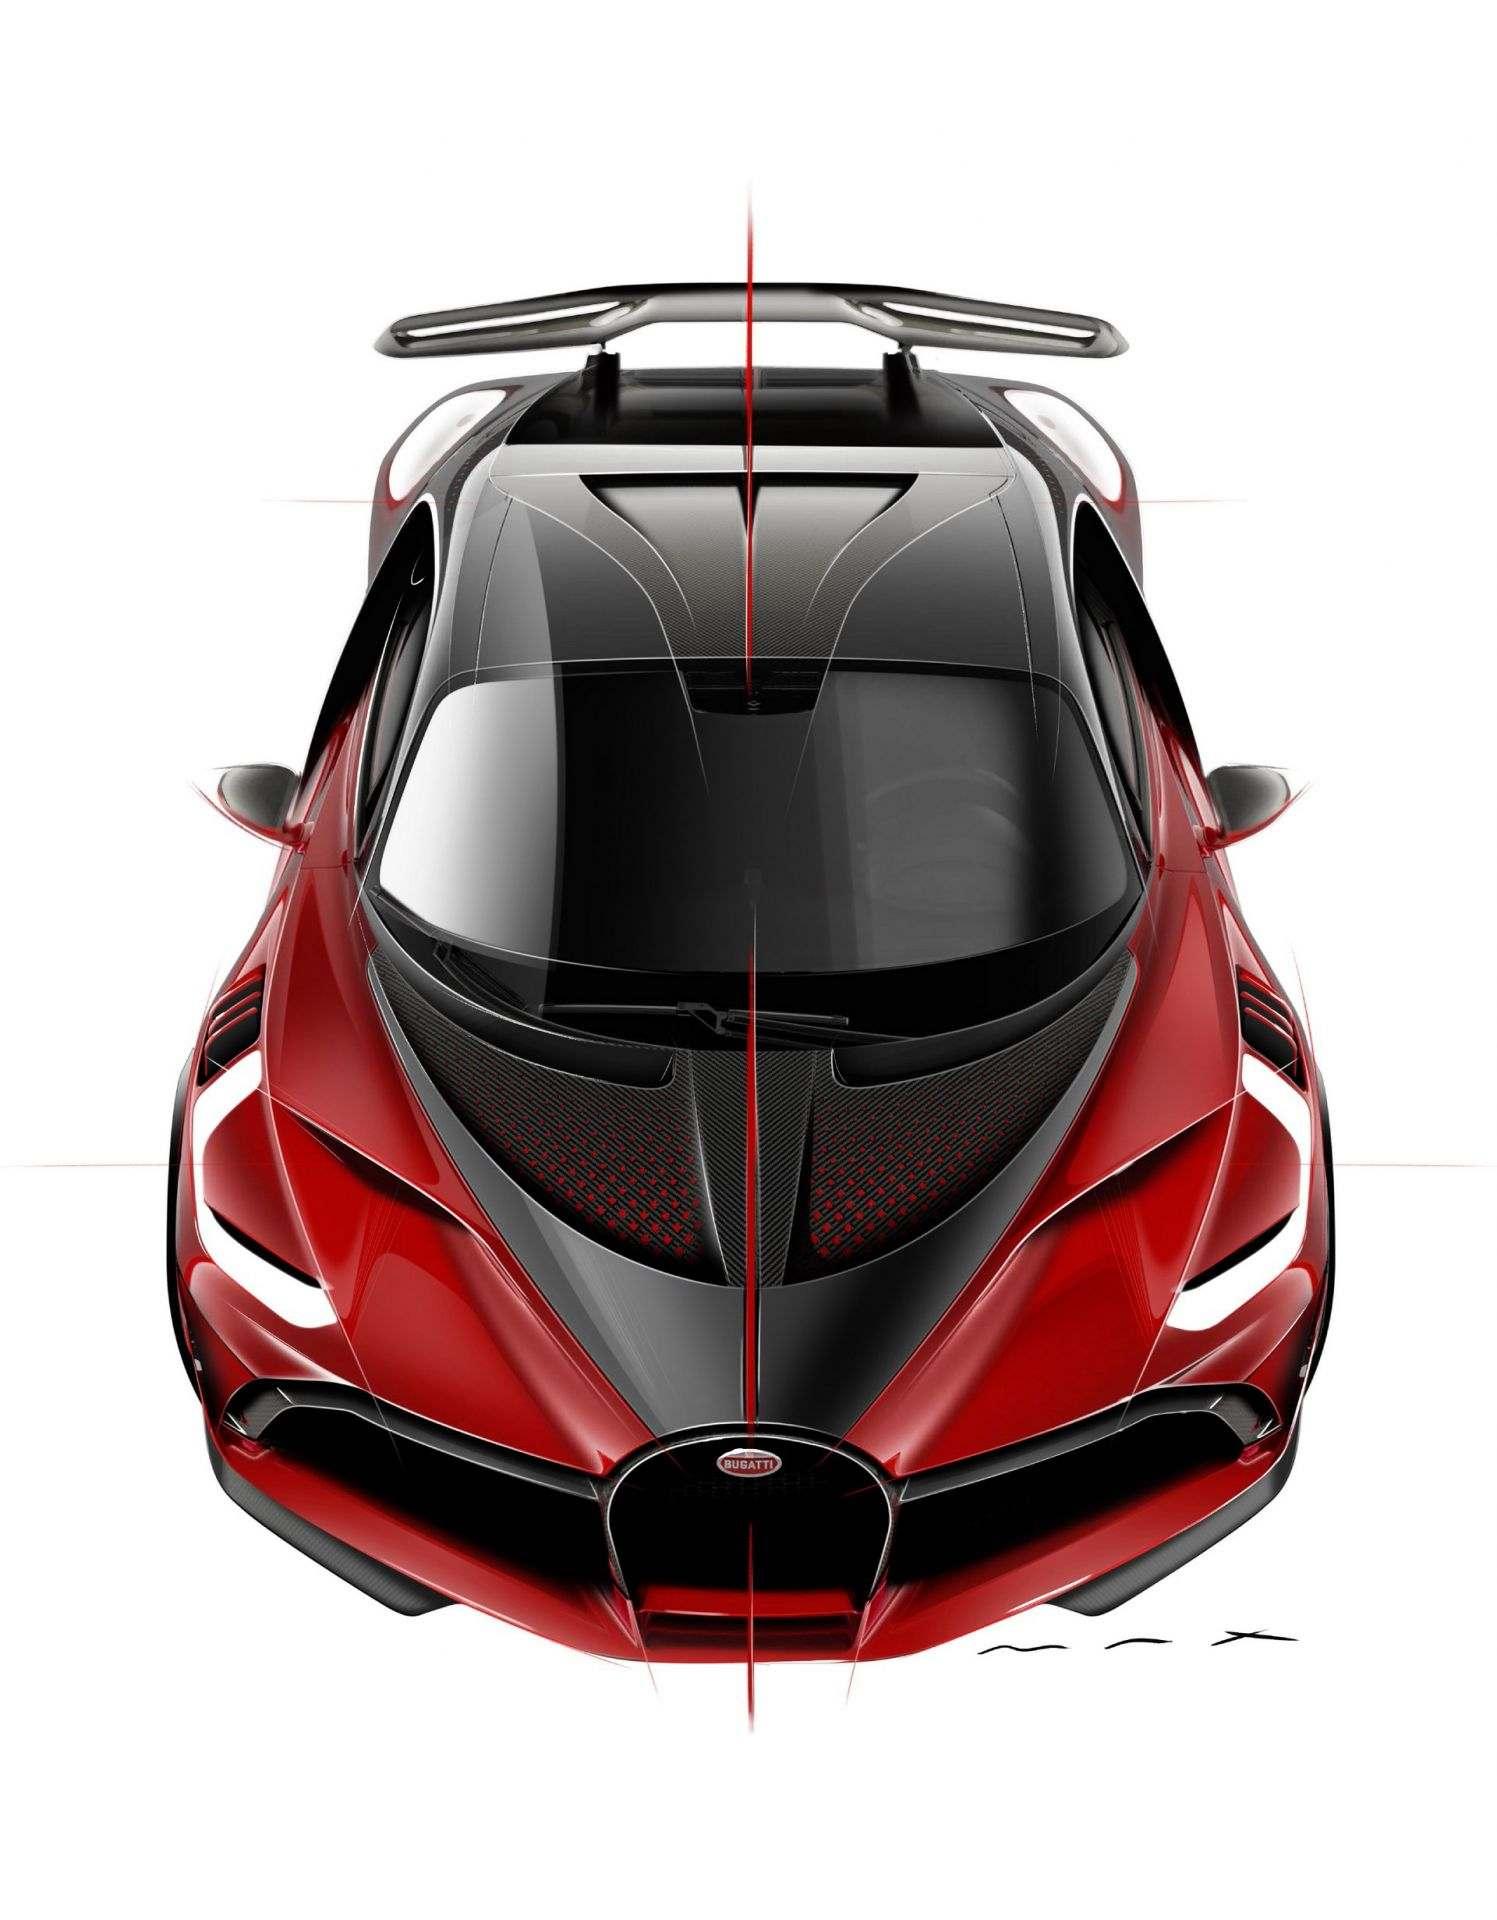 Bugatti_Divo_Lady_Bug-0002